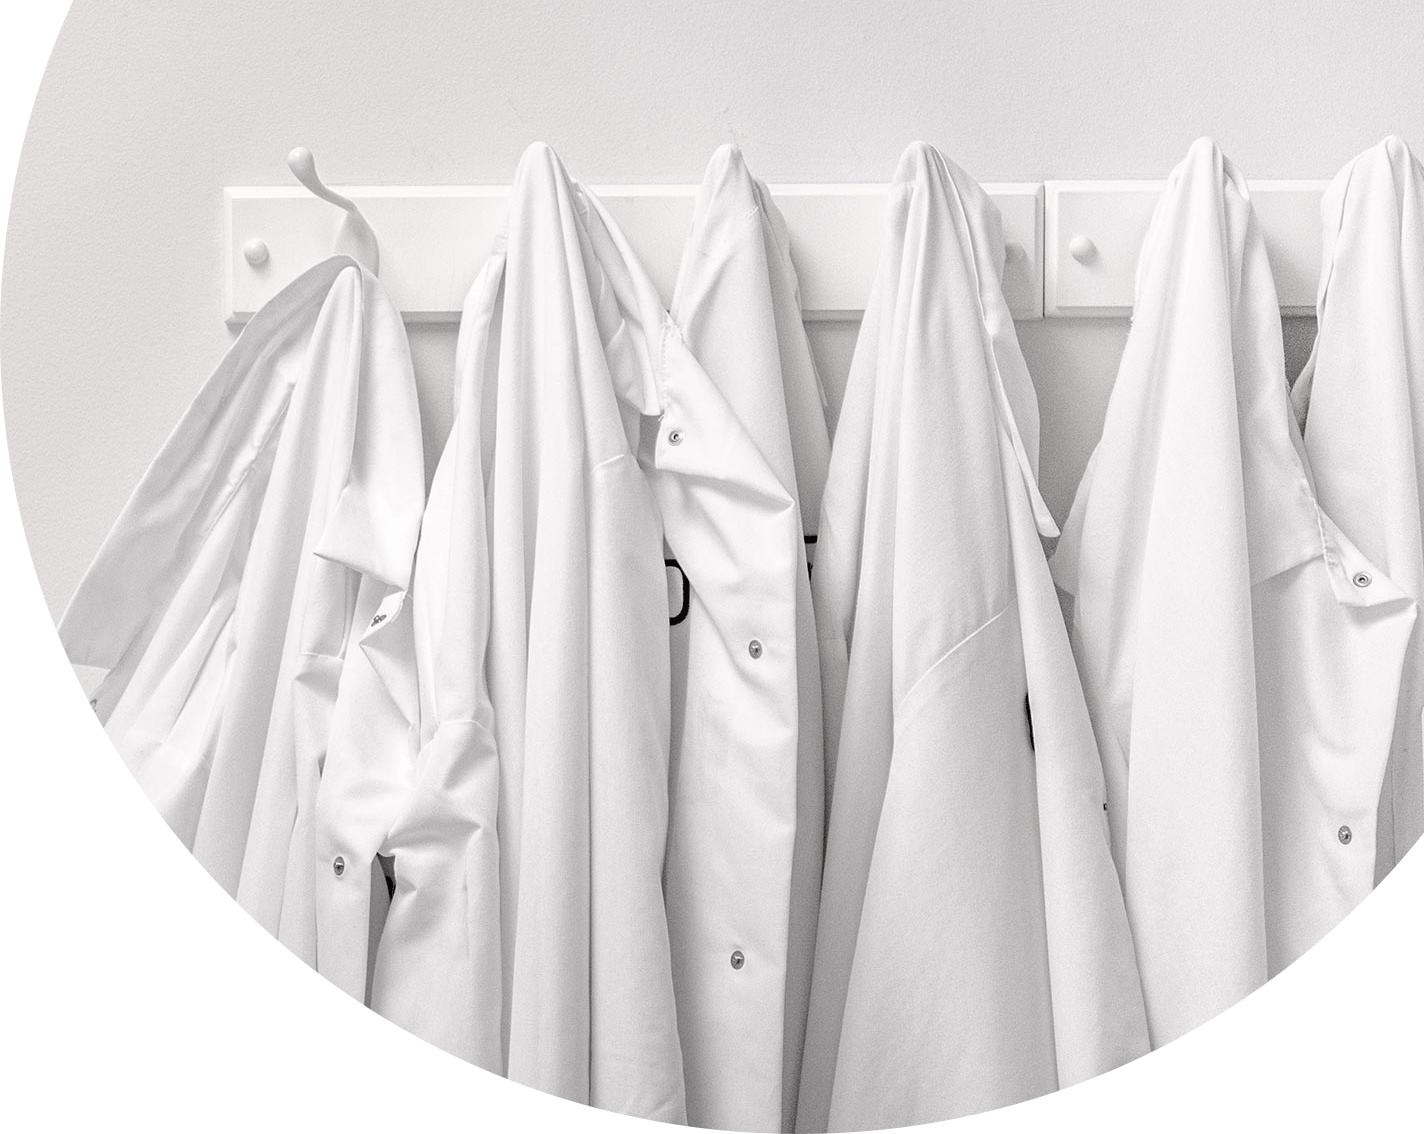 Curia lab coats